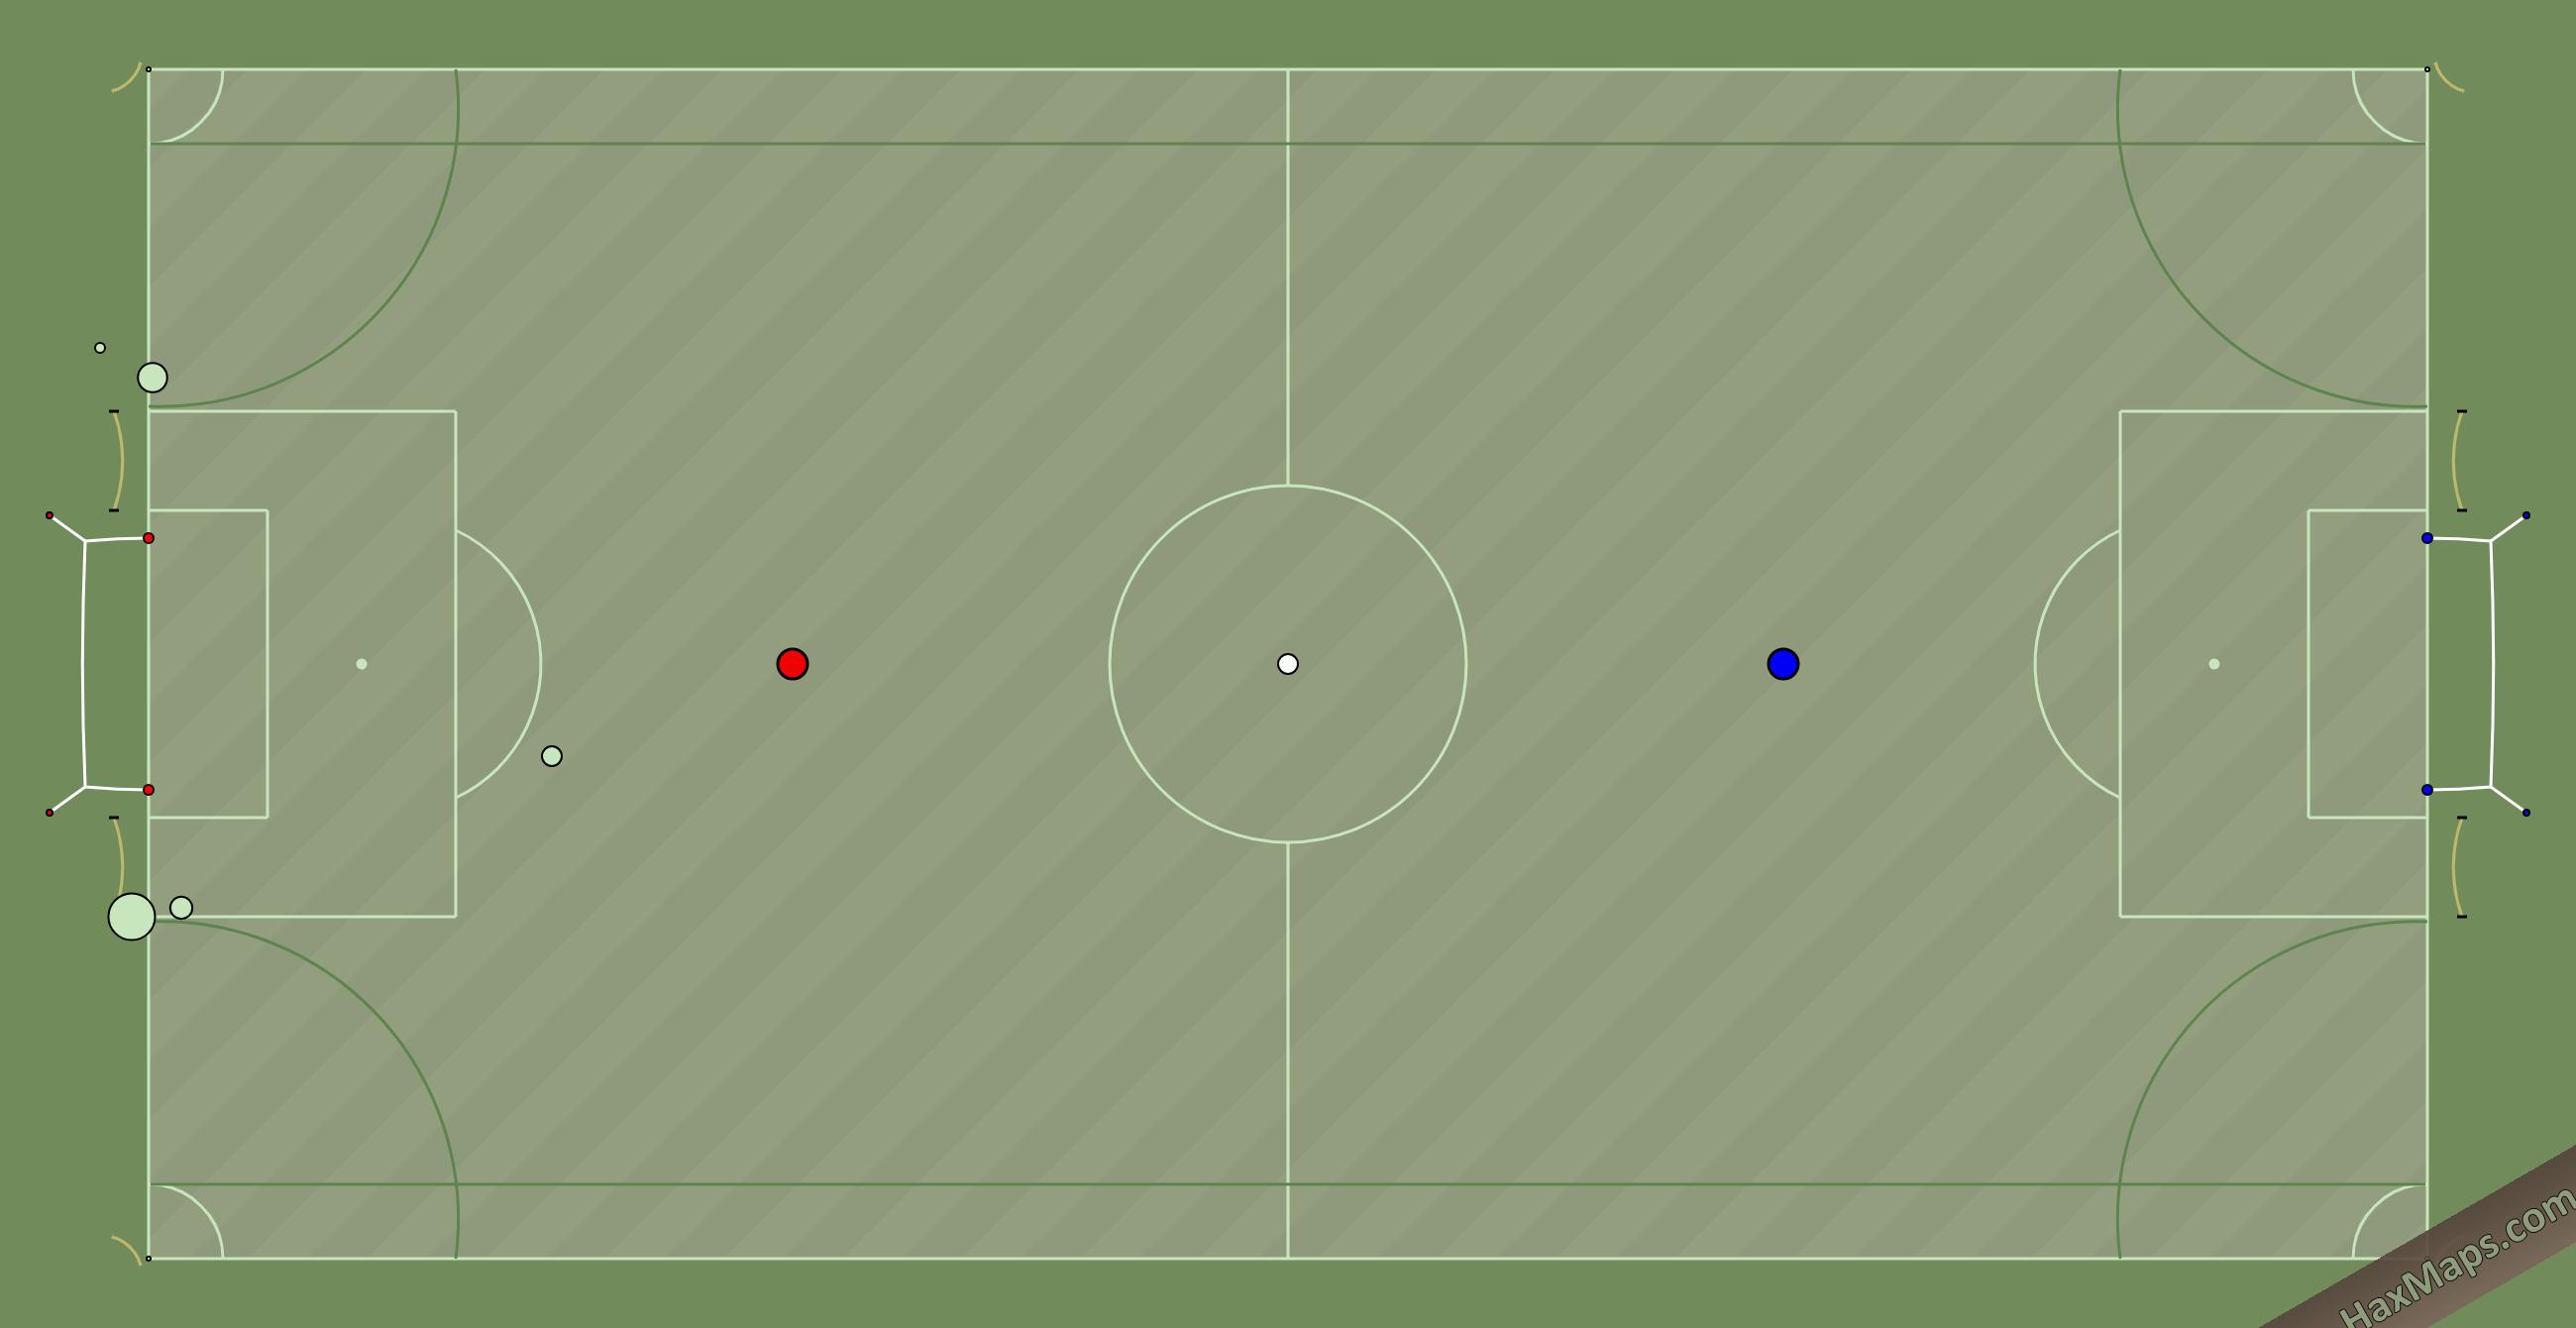 hax ball maps | Real Soccer fake